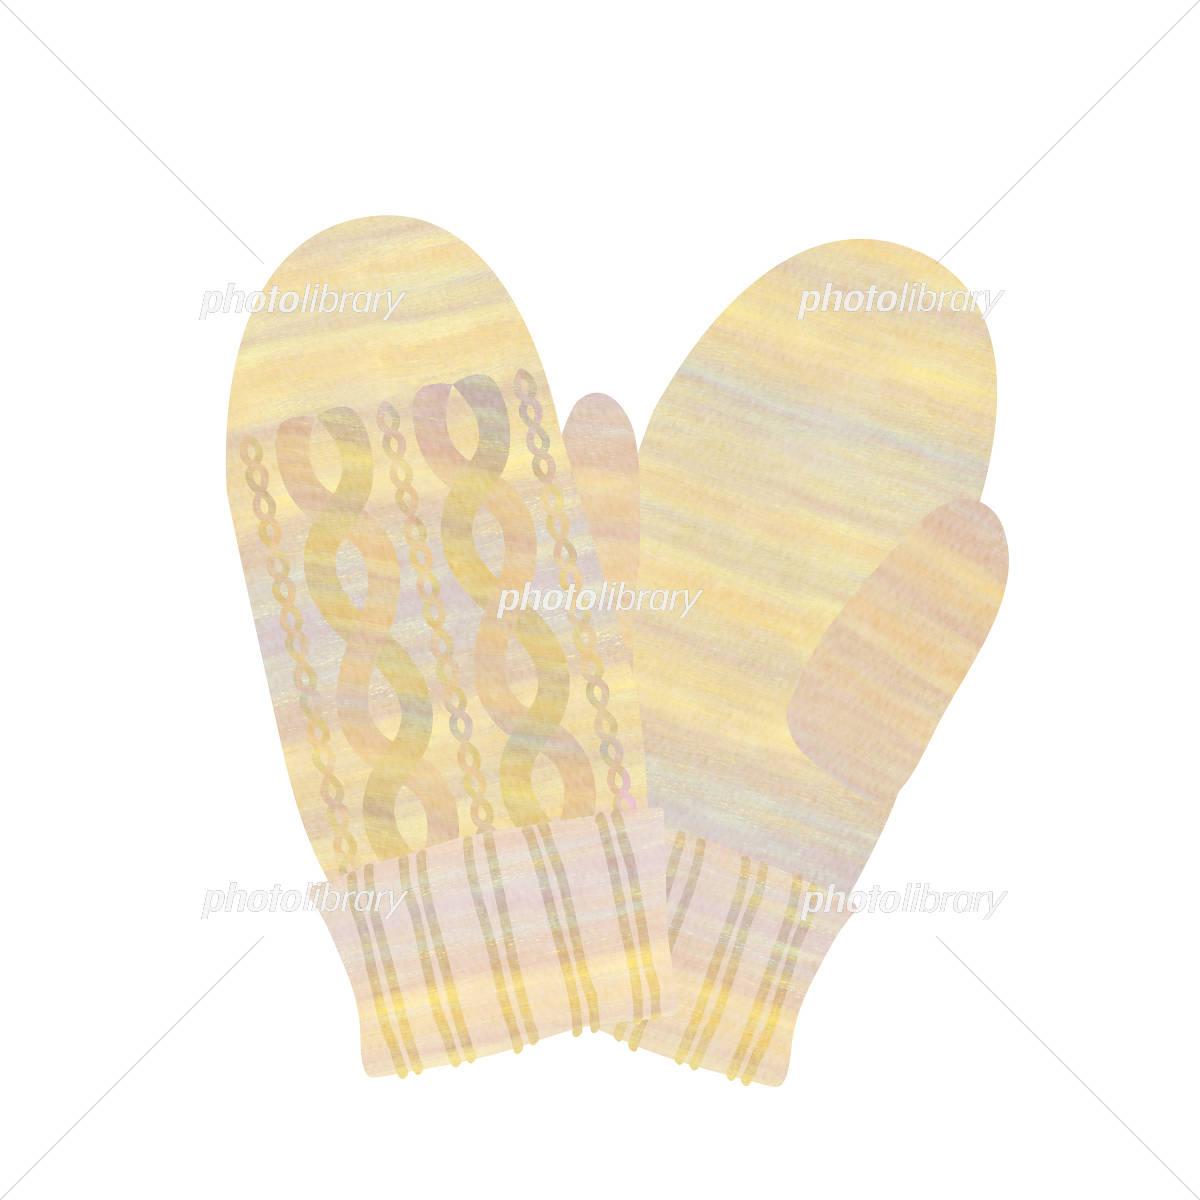 手袋 ミトン イラスト素材 4007256 フォトライブラリー Photolibrary